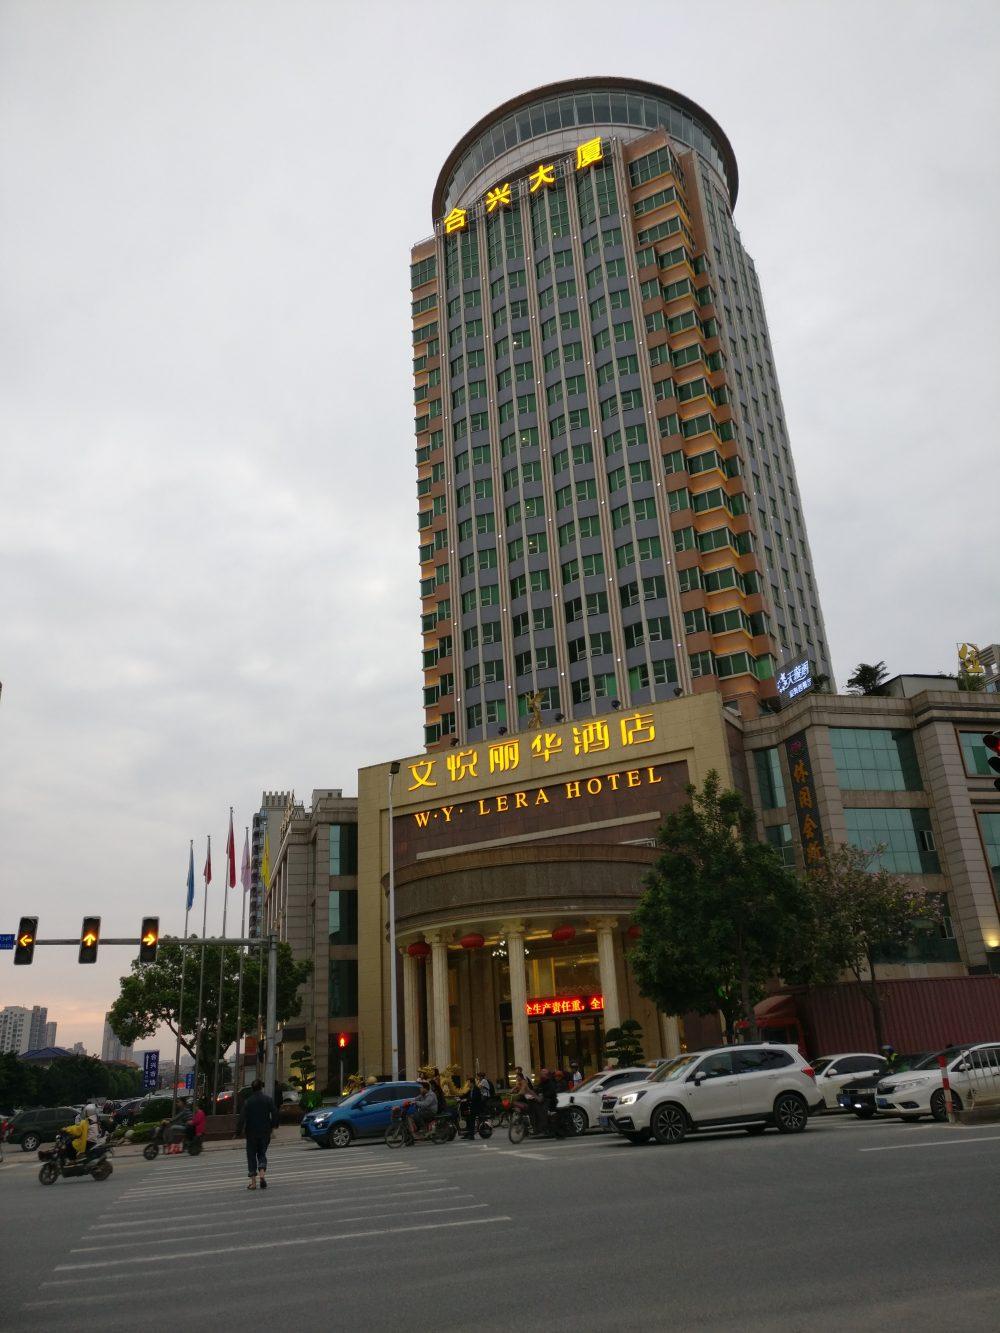 W.Y. Lera Hotel